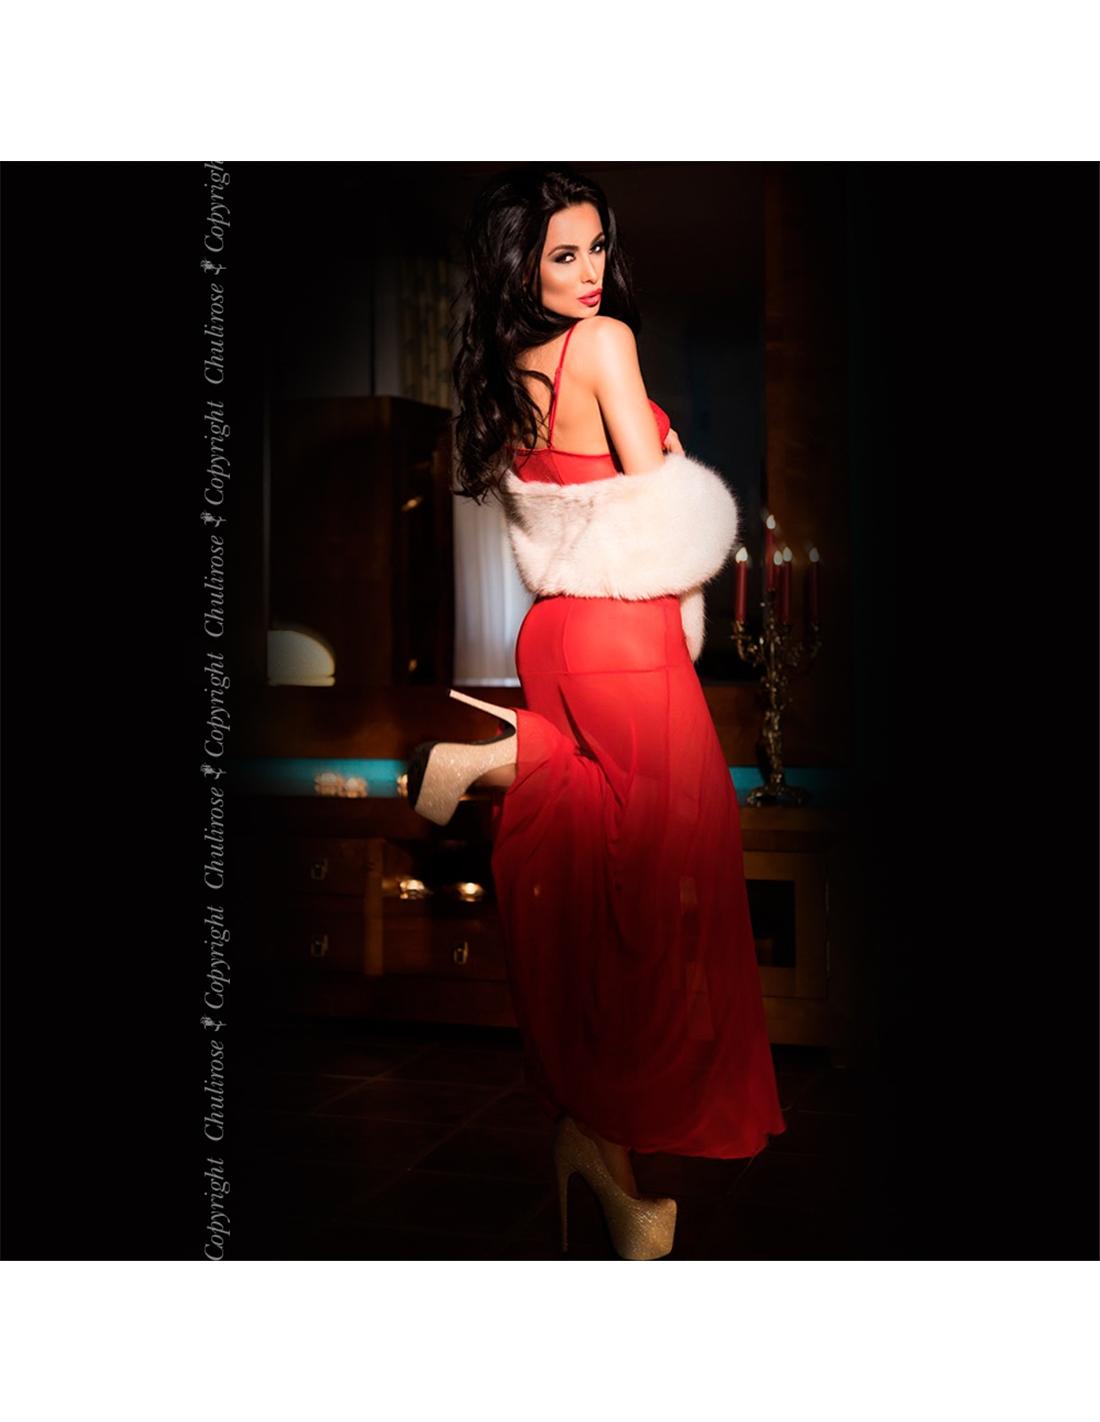 Camisa De Noite E Tanga Cr-3470 Vermelha - 36 S - PR2010340299